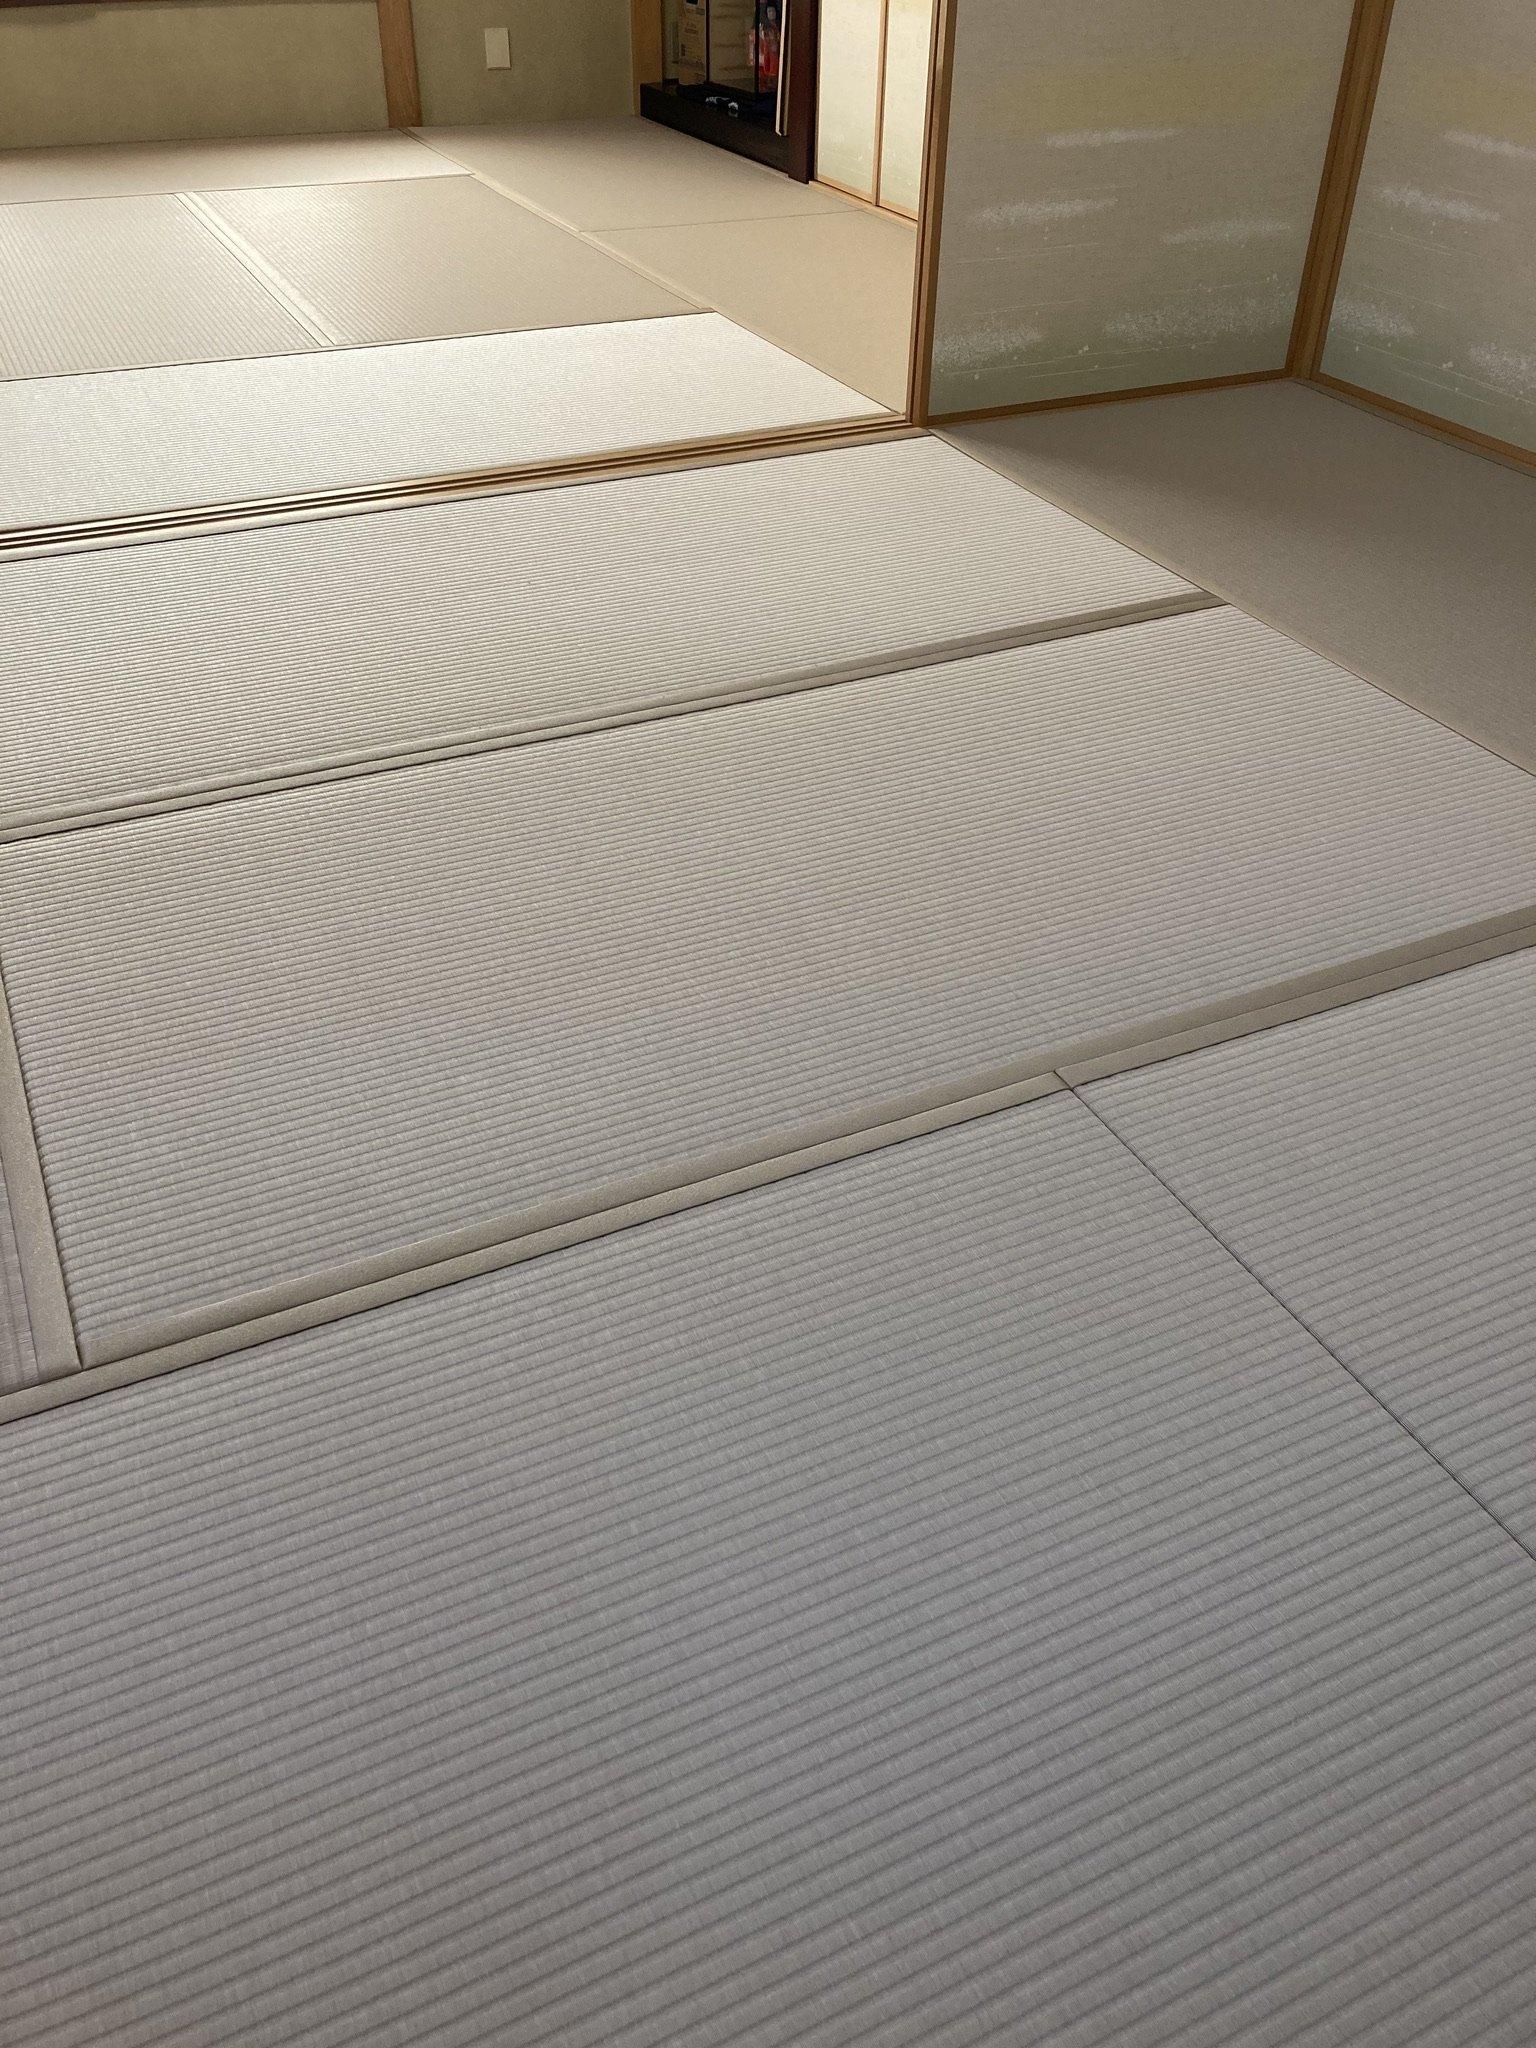 ダイケン銀白カラー表灰桜色